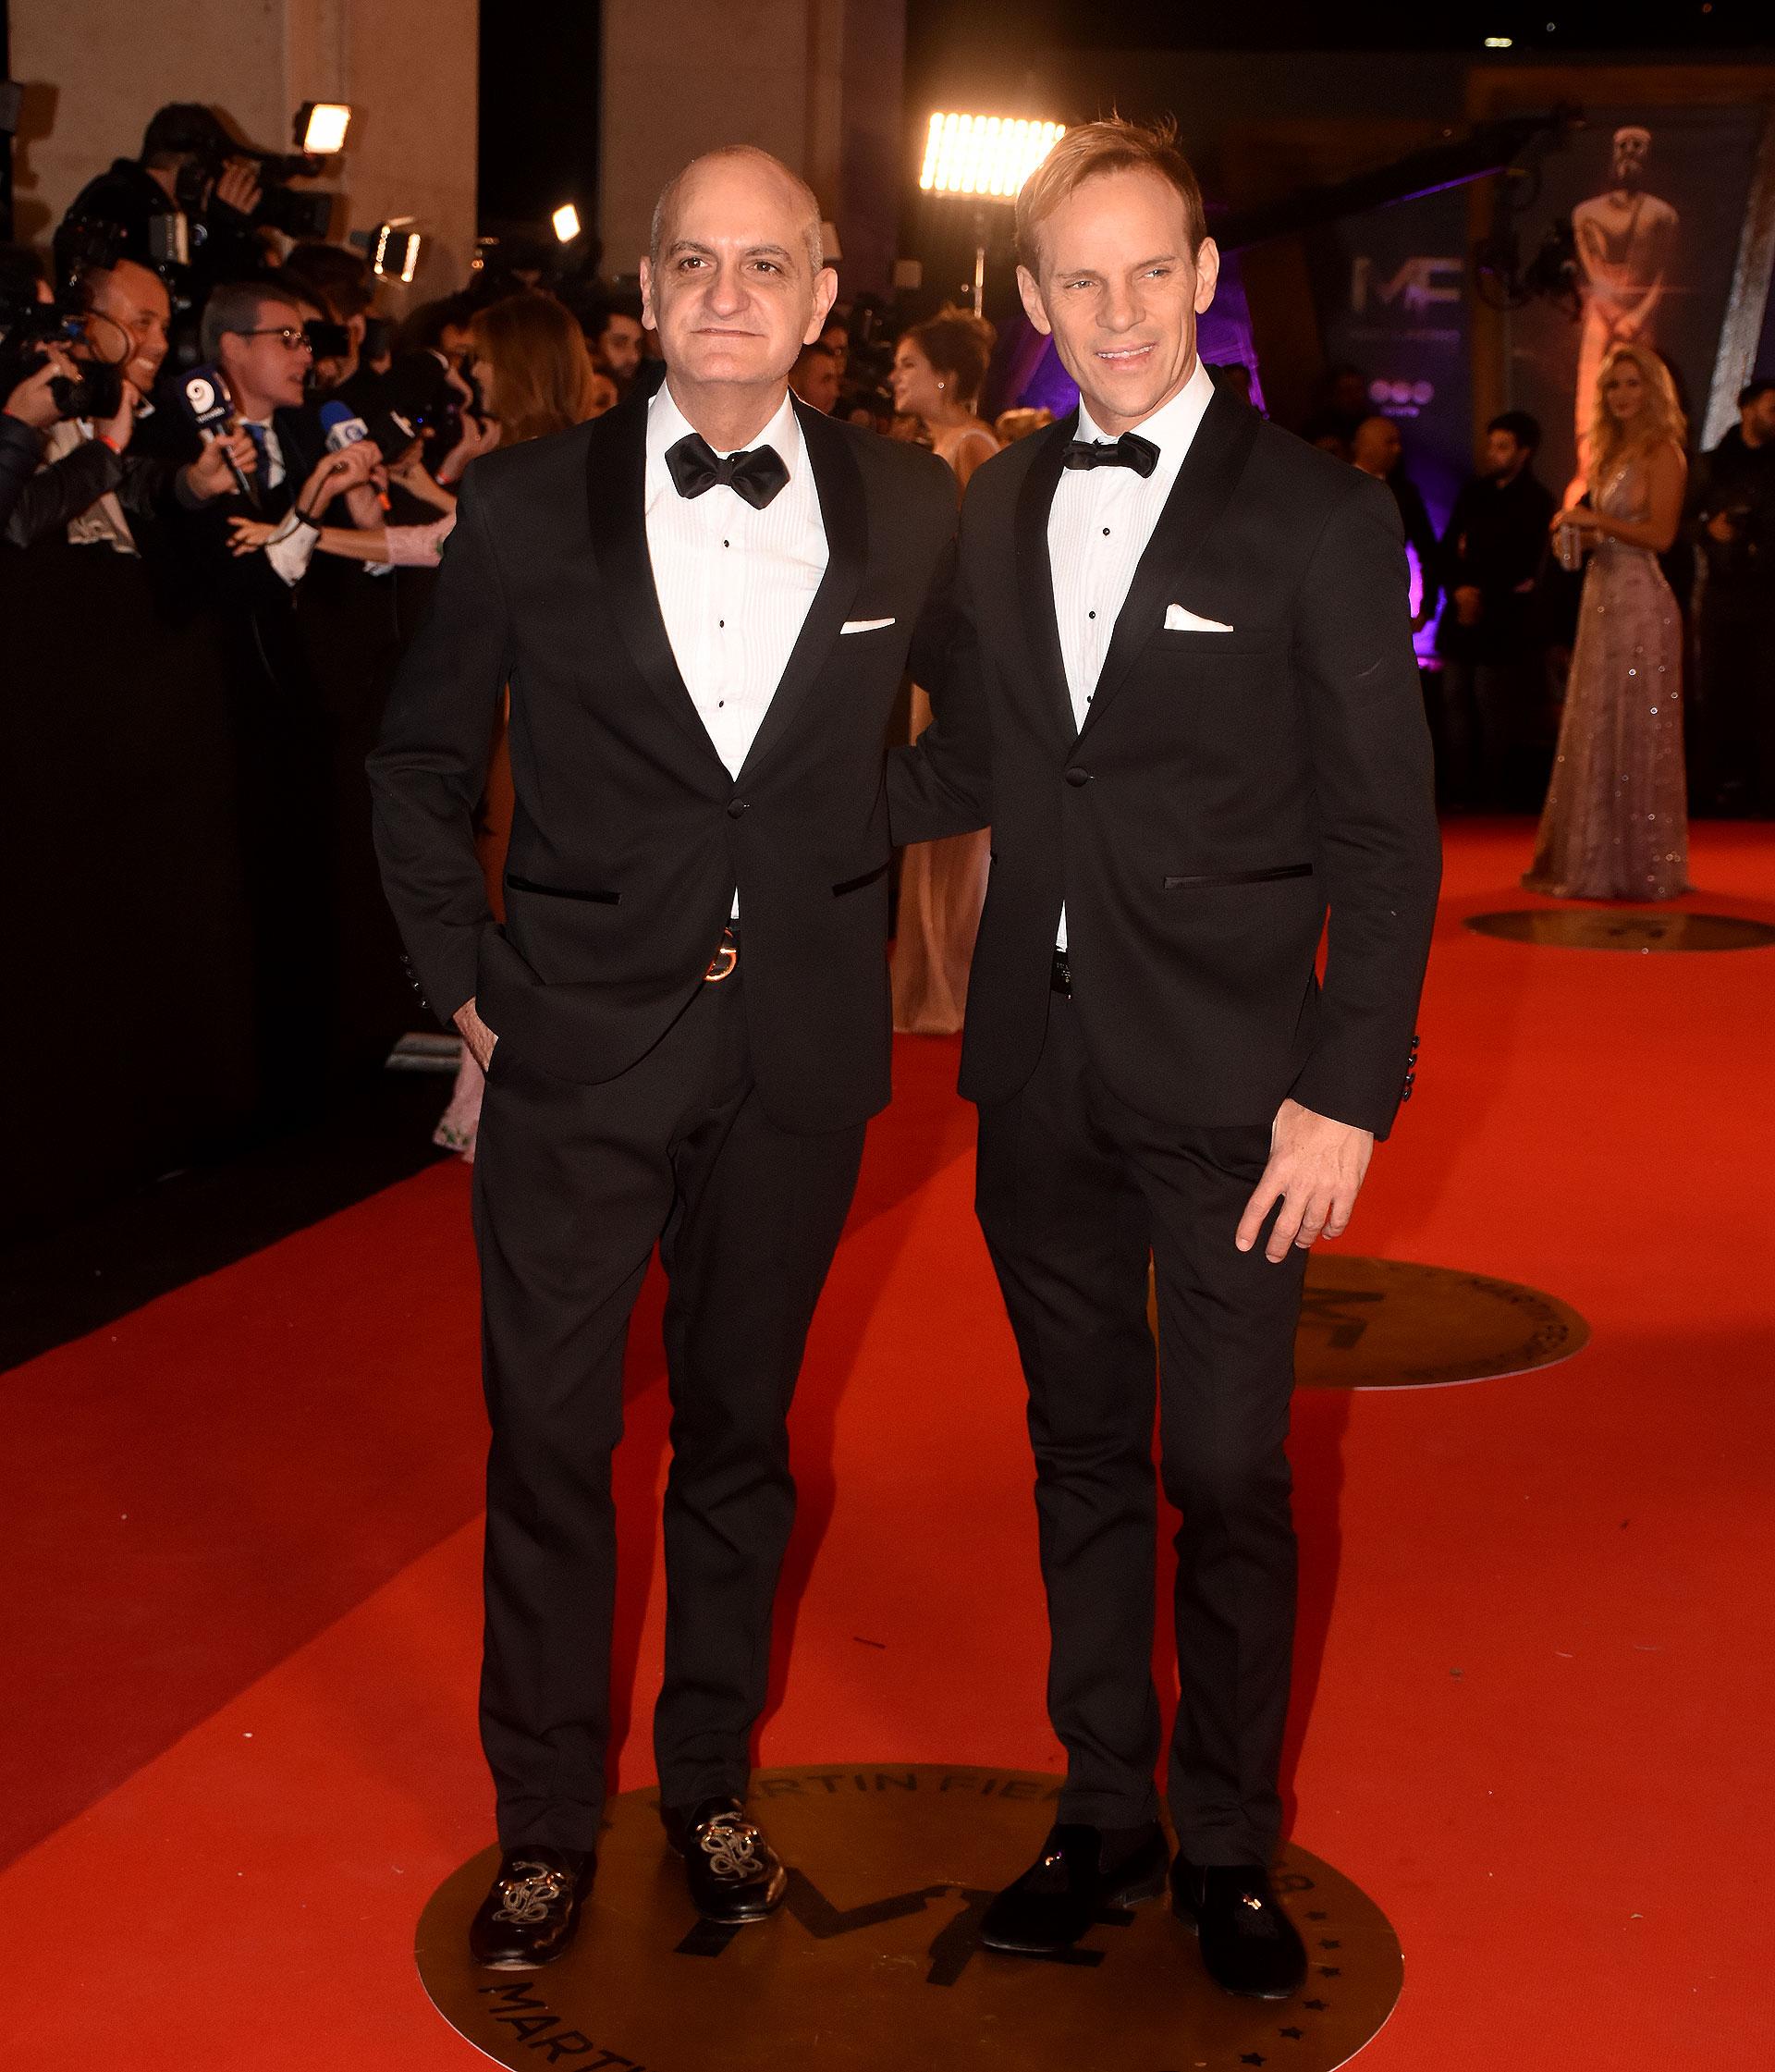 Laurencio Adot y Thiago Pinheiro, ambos en black tie con mocasines y pochette blanco.